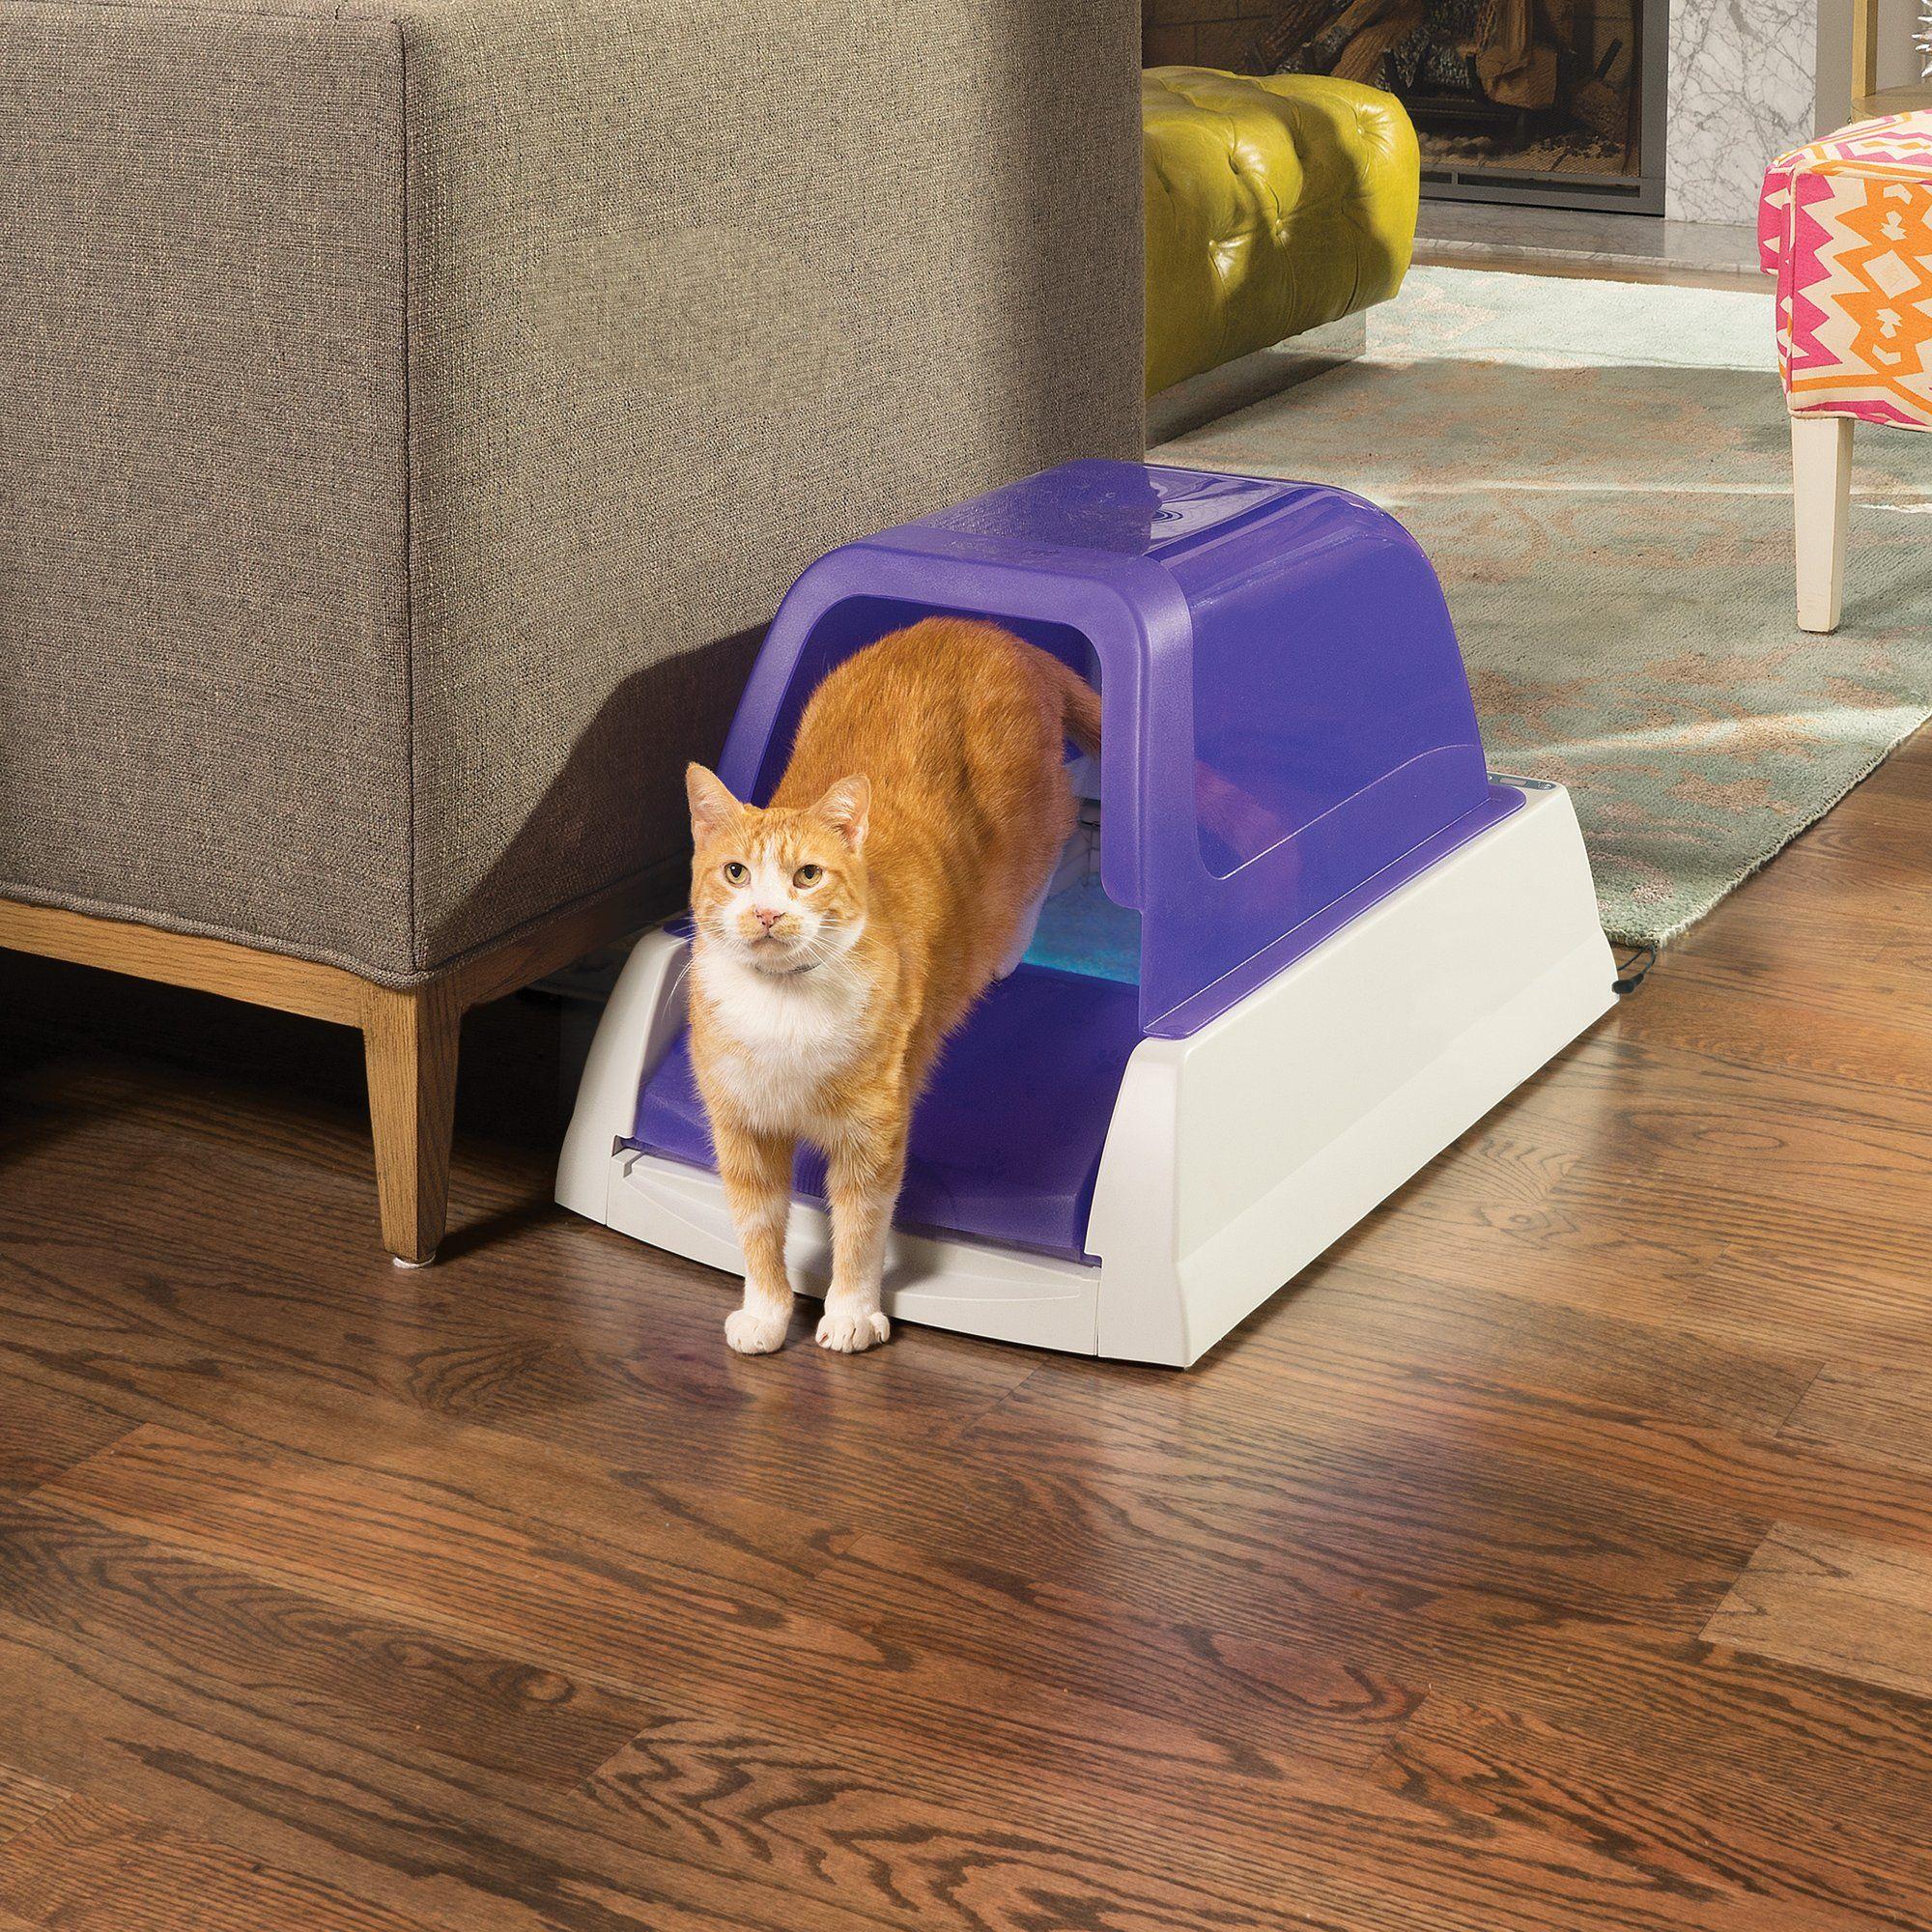 ScoopFree by PetSafe Ultra SelfCleaning Litter Box, 24